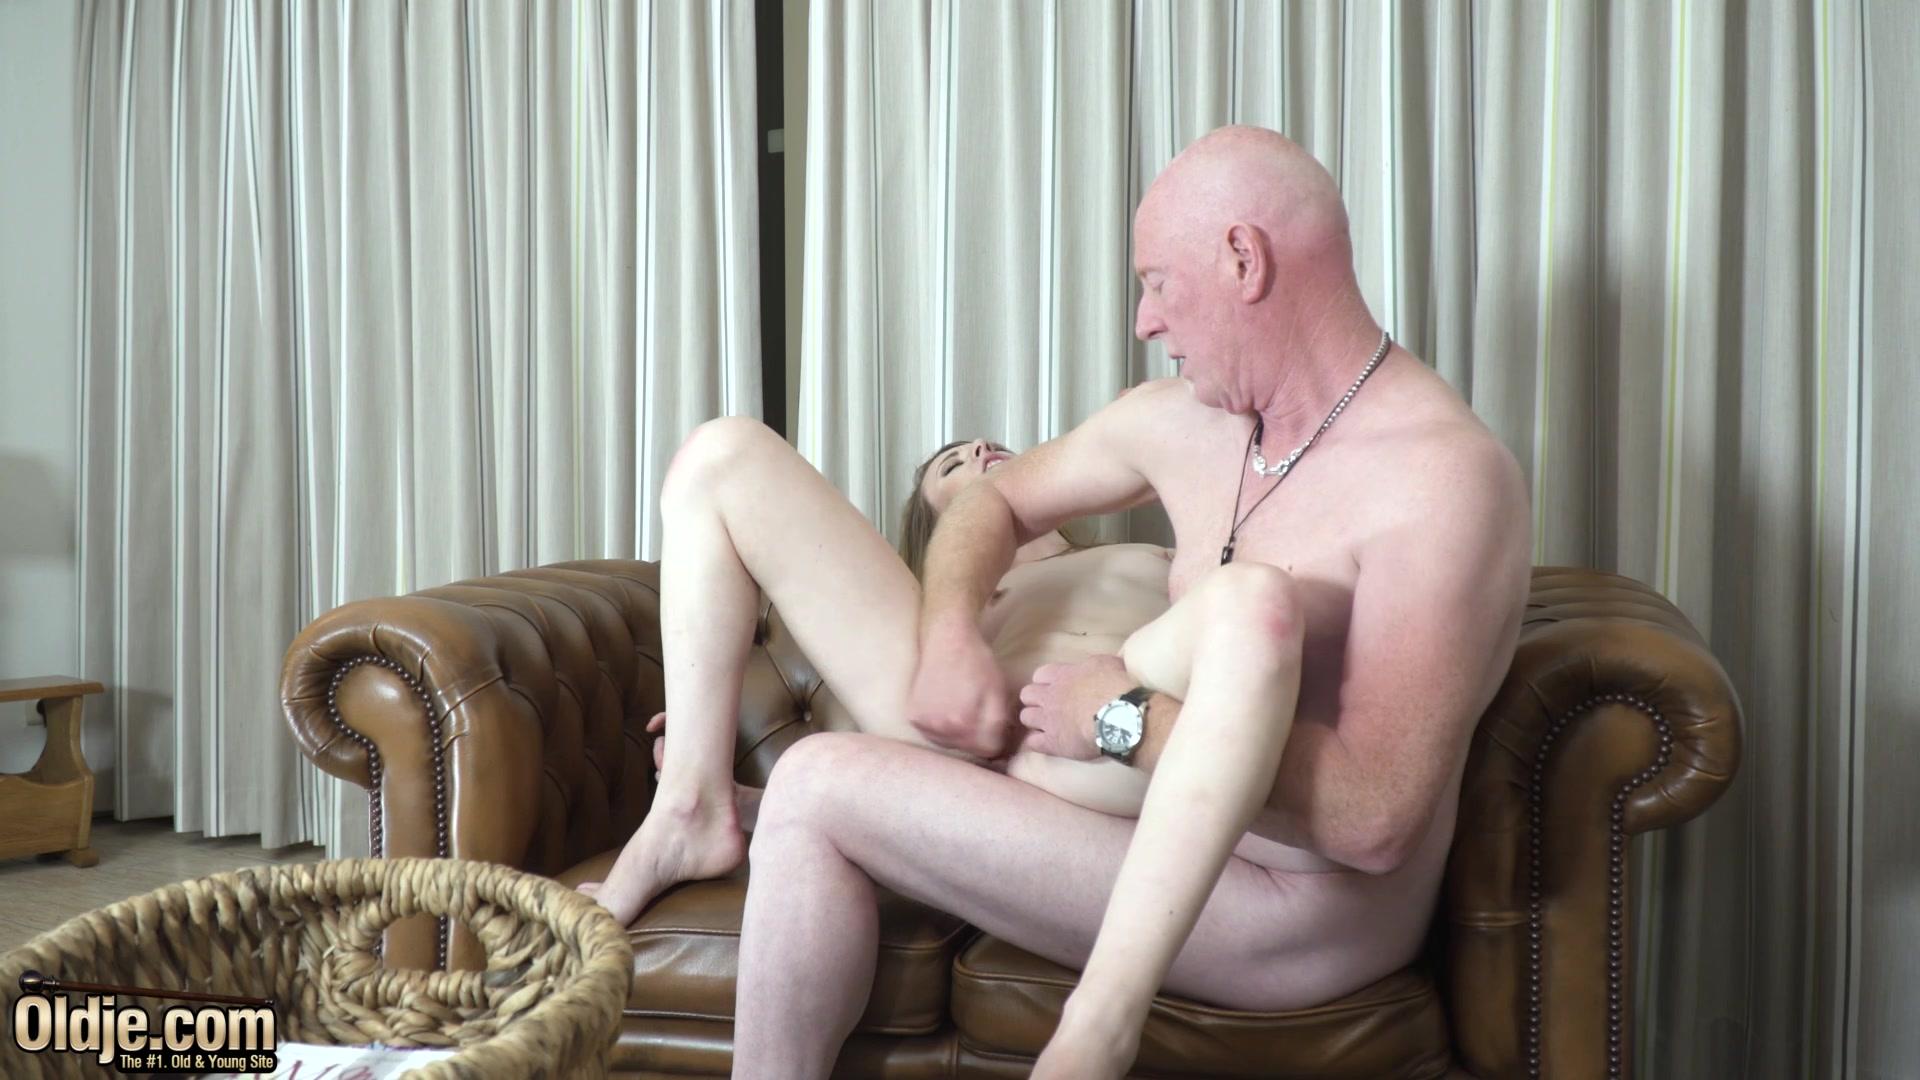 Porn old guy Old man: